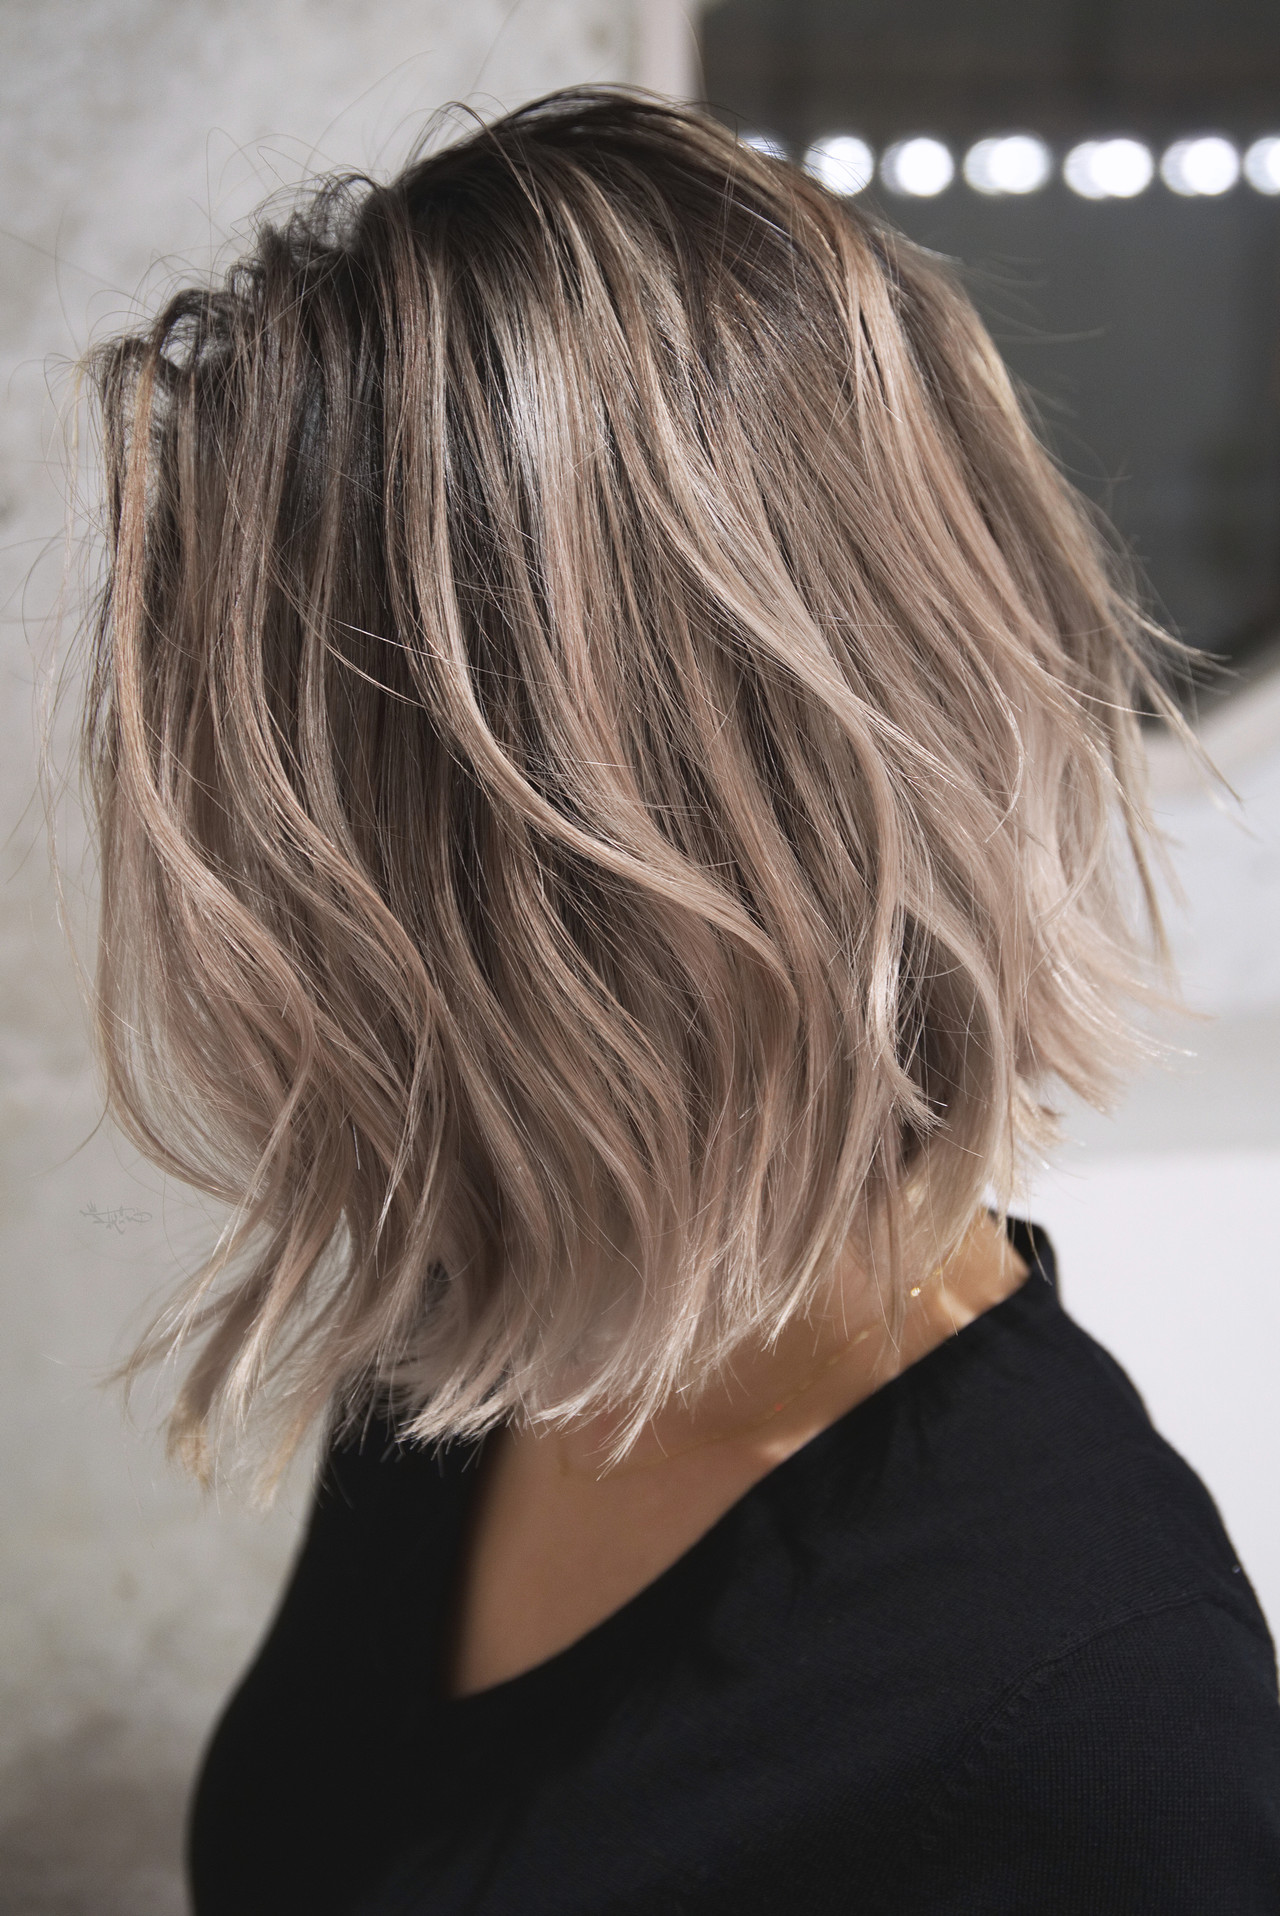 グレージュ ハイライト ローライト バレイヤージュ ヘアスタイルや髪型の写真・画像 | TAKEMI / BEBE 表参道